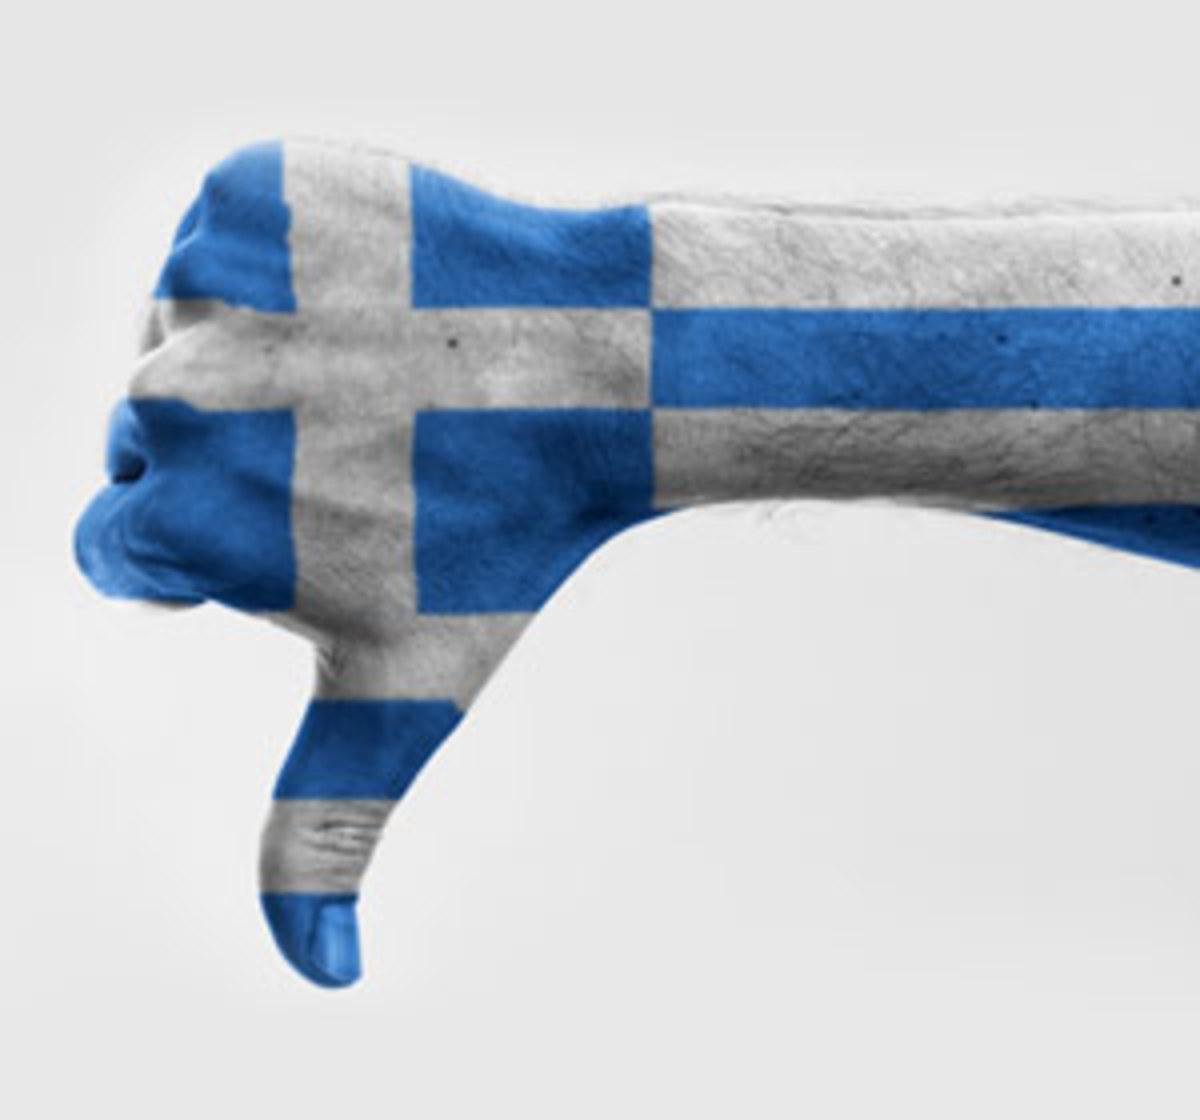 Νew Υork Τimes: Ανεπαρκής η συμφωνία του Eurogroup για την Ελλάδα   Newsit.gr